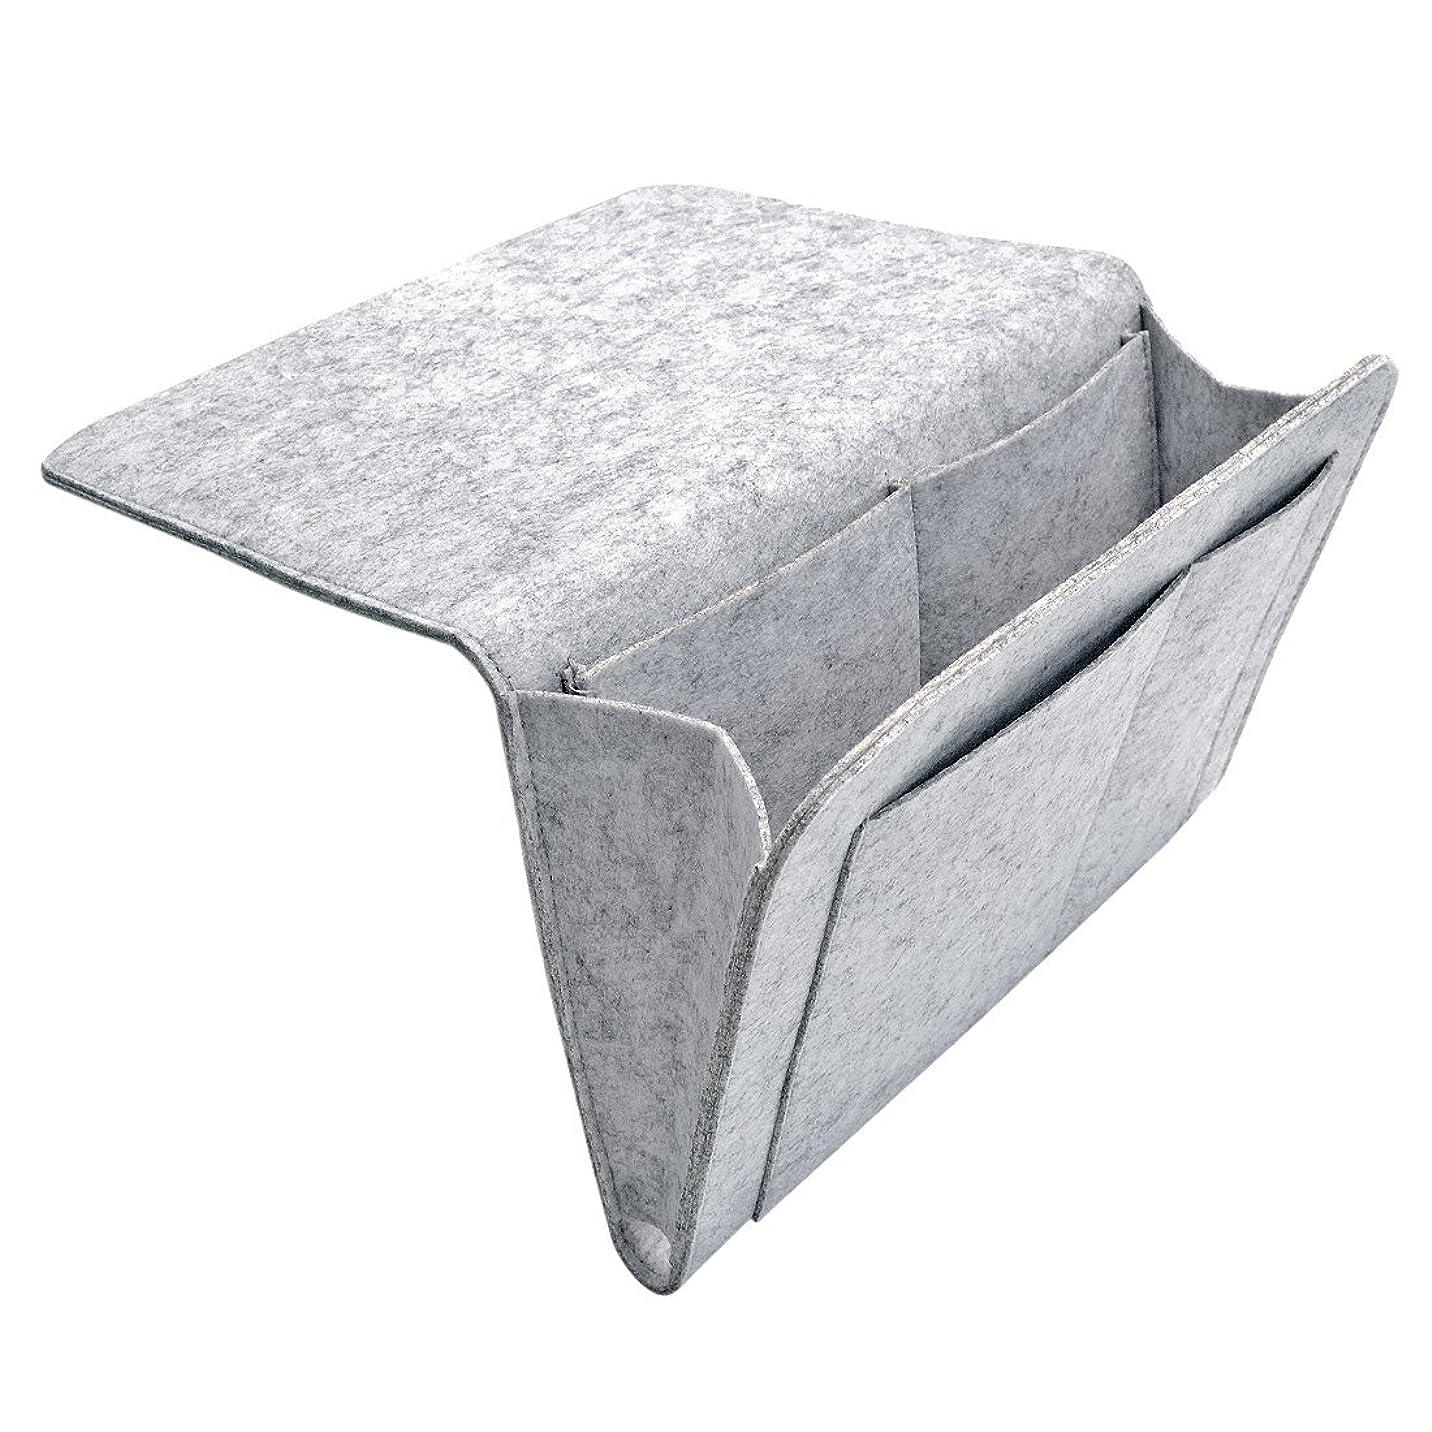 支出コンベンションなんとなくYuena Care ベッドサイド 収納 収納ケース ラック ベッド サイド ポケット ベッドサイドケース テーブル掛け袋 ベッド脇吊り下げ 小物入れ 便利 寮 二段ベッド